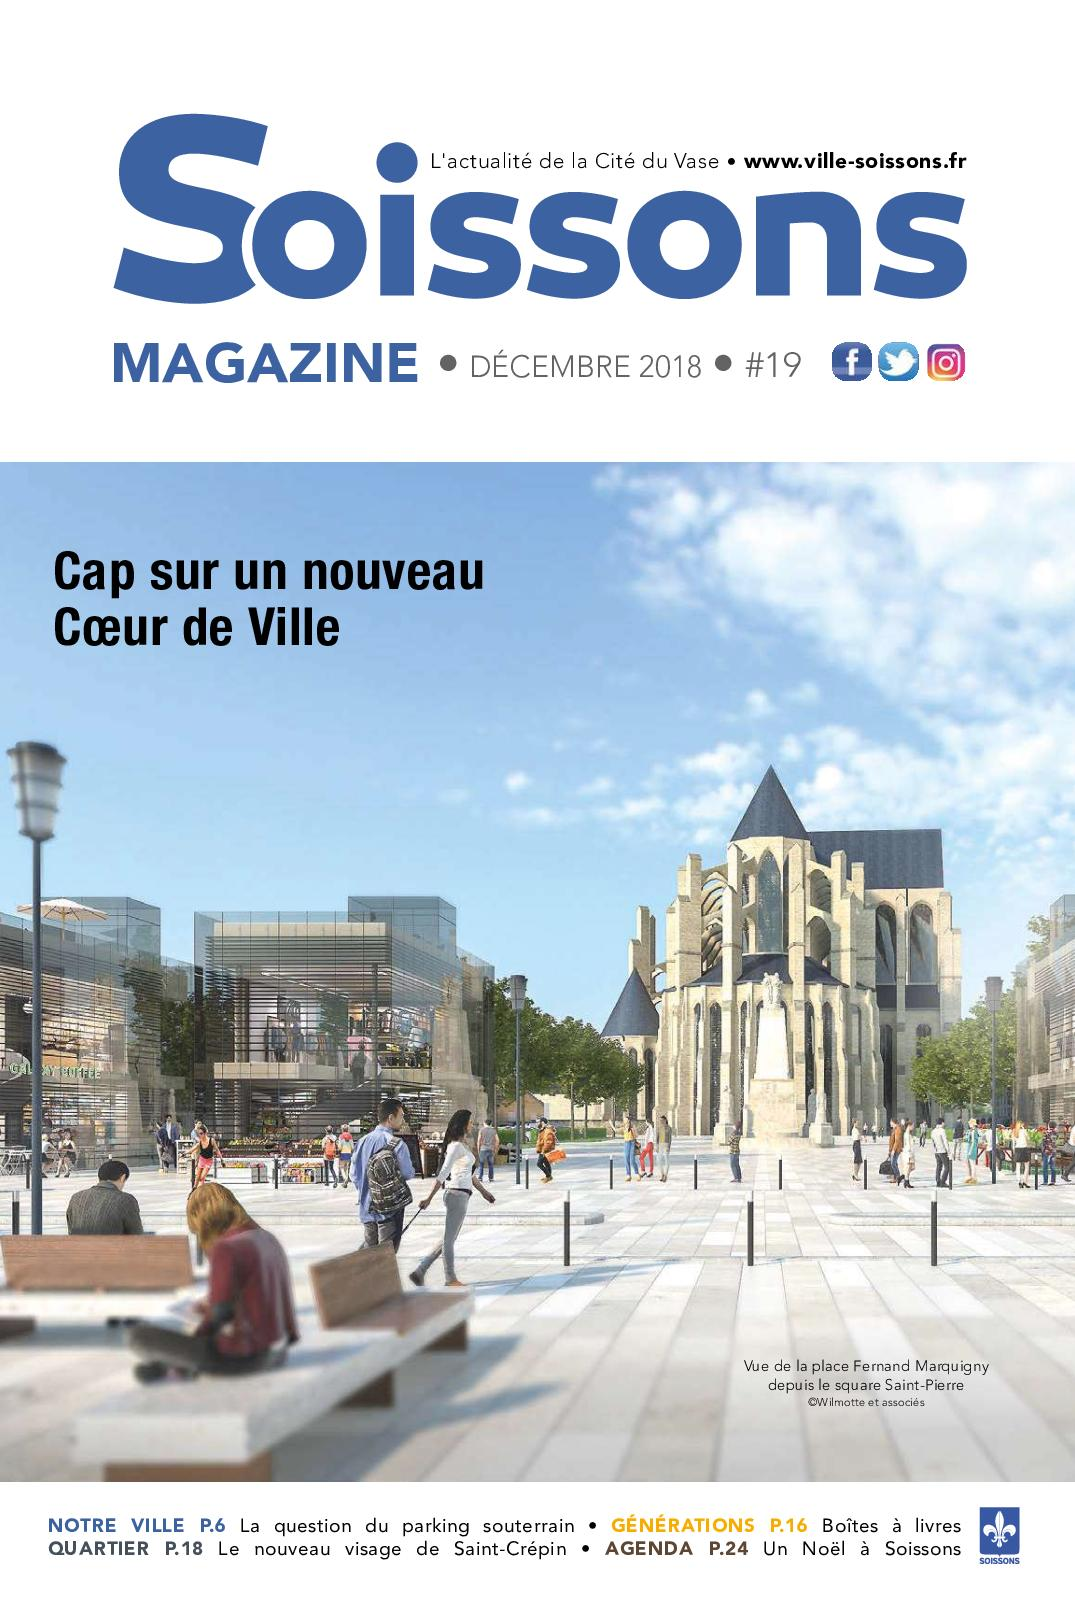 Le Bouche À Oreille Soissons calaméo - soissons magazine 19